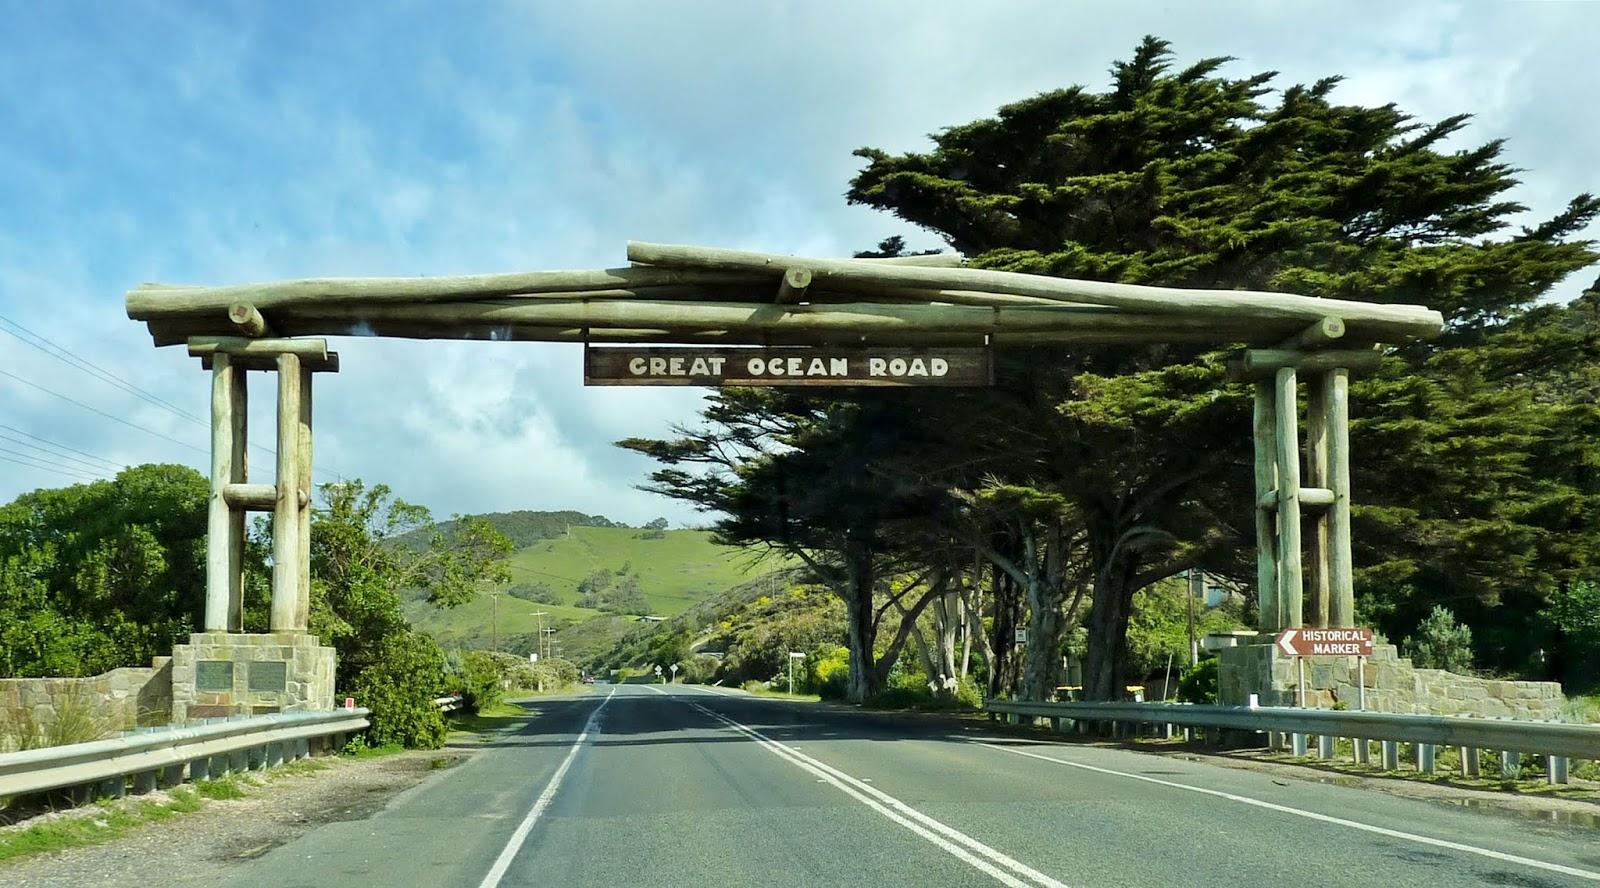 墨爾本-大洋路-景點-門牌-推薦-一日遊-二日遊-自由行-行程-旅遊-跟團-交通-自駕-住宿-澳洲-Melbourne-Great-Ocean-Road-Travel-Tour-Australia